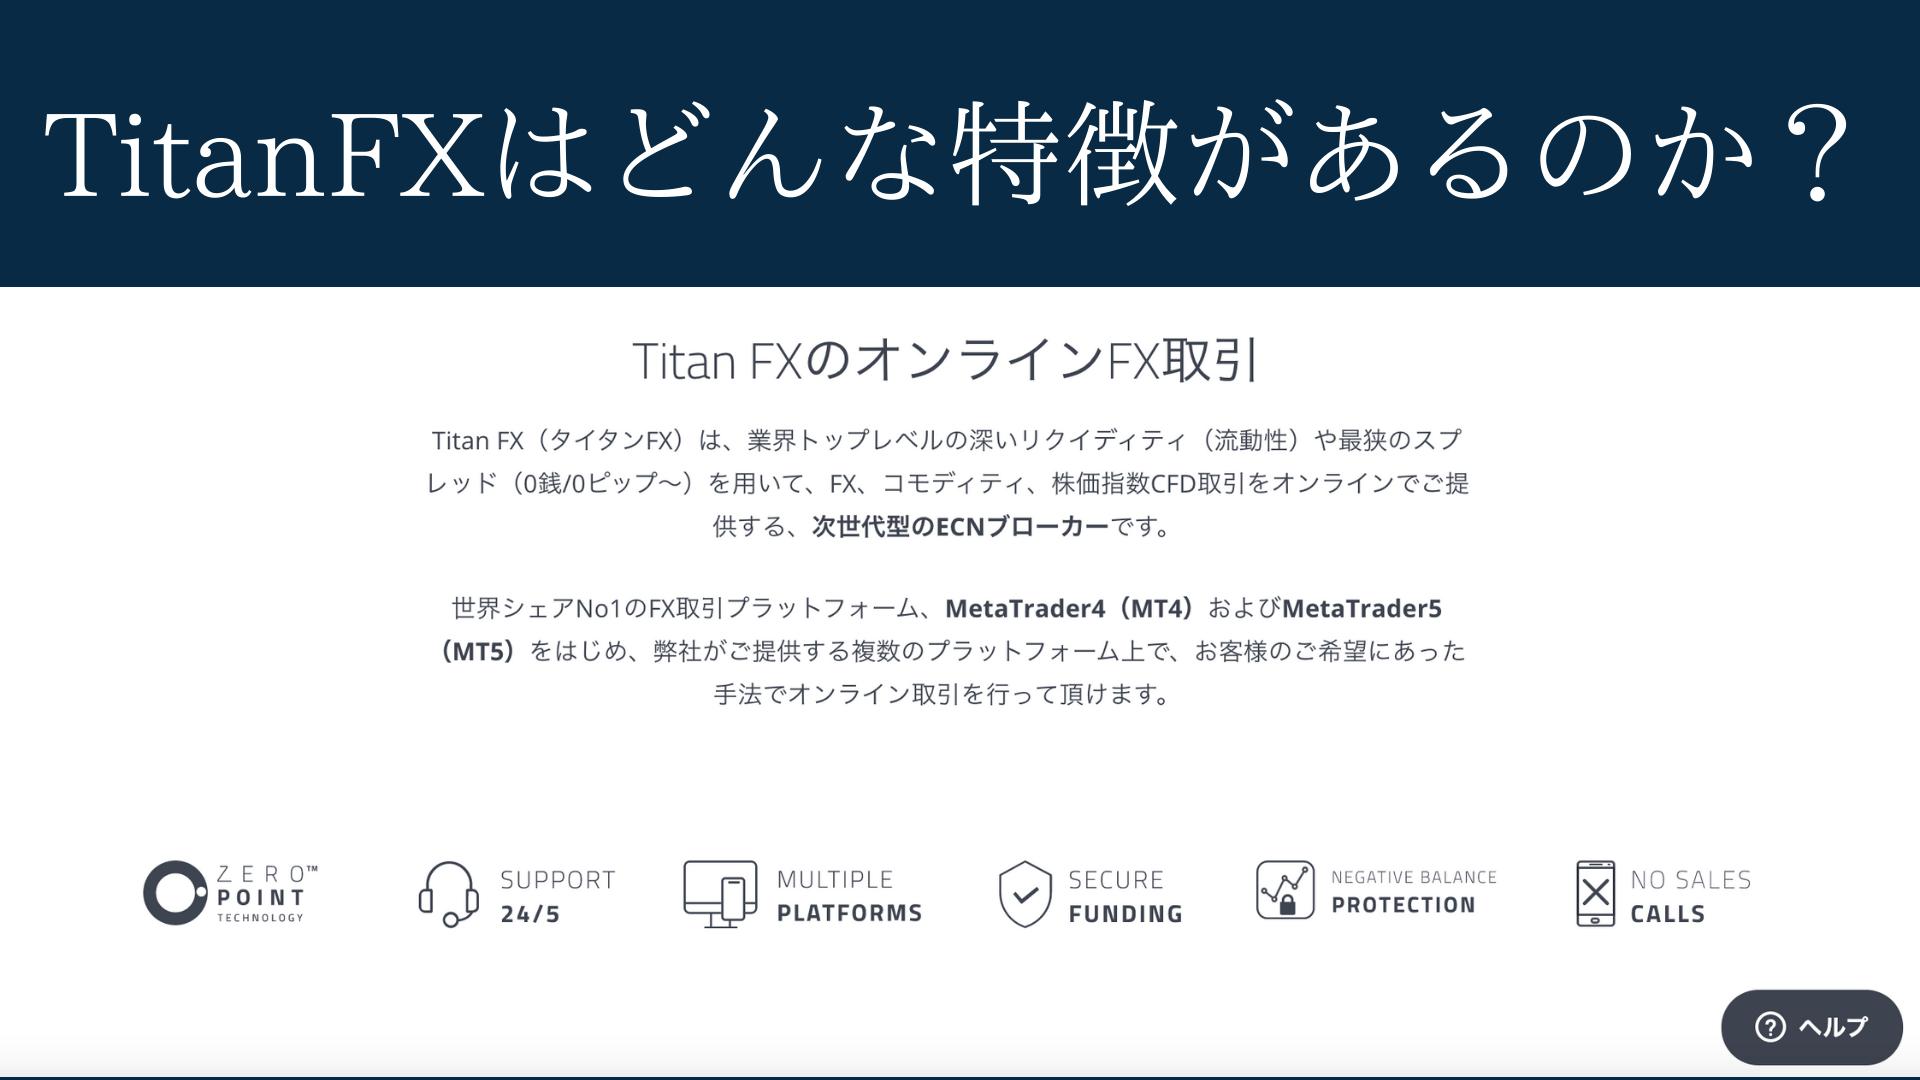 TitanFXの評判・メリット・デメリットなどの特徴を総まとめ!